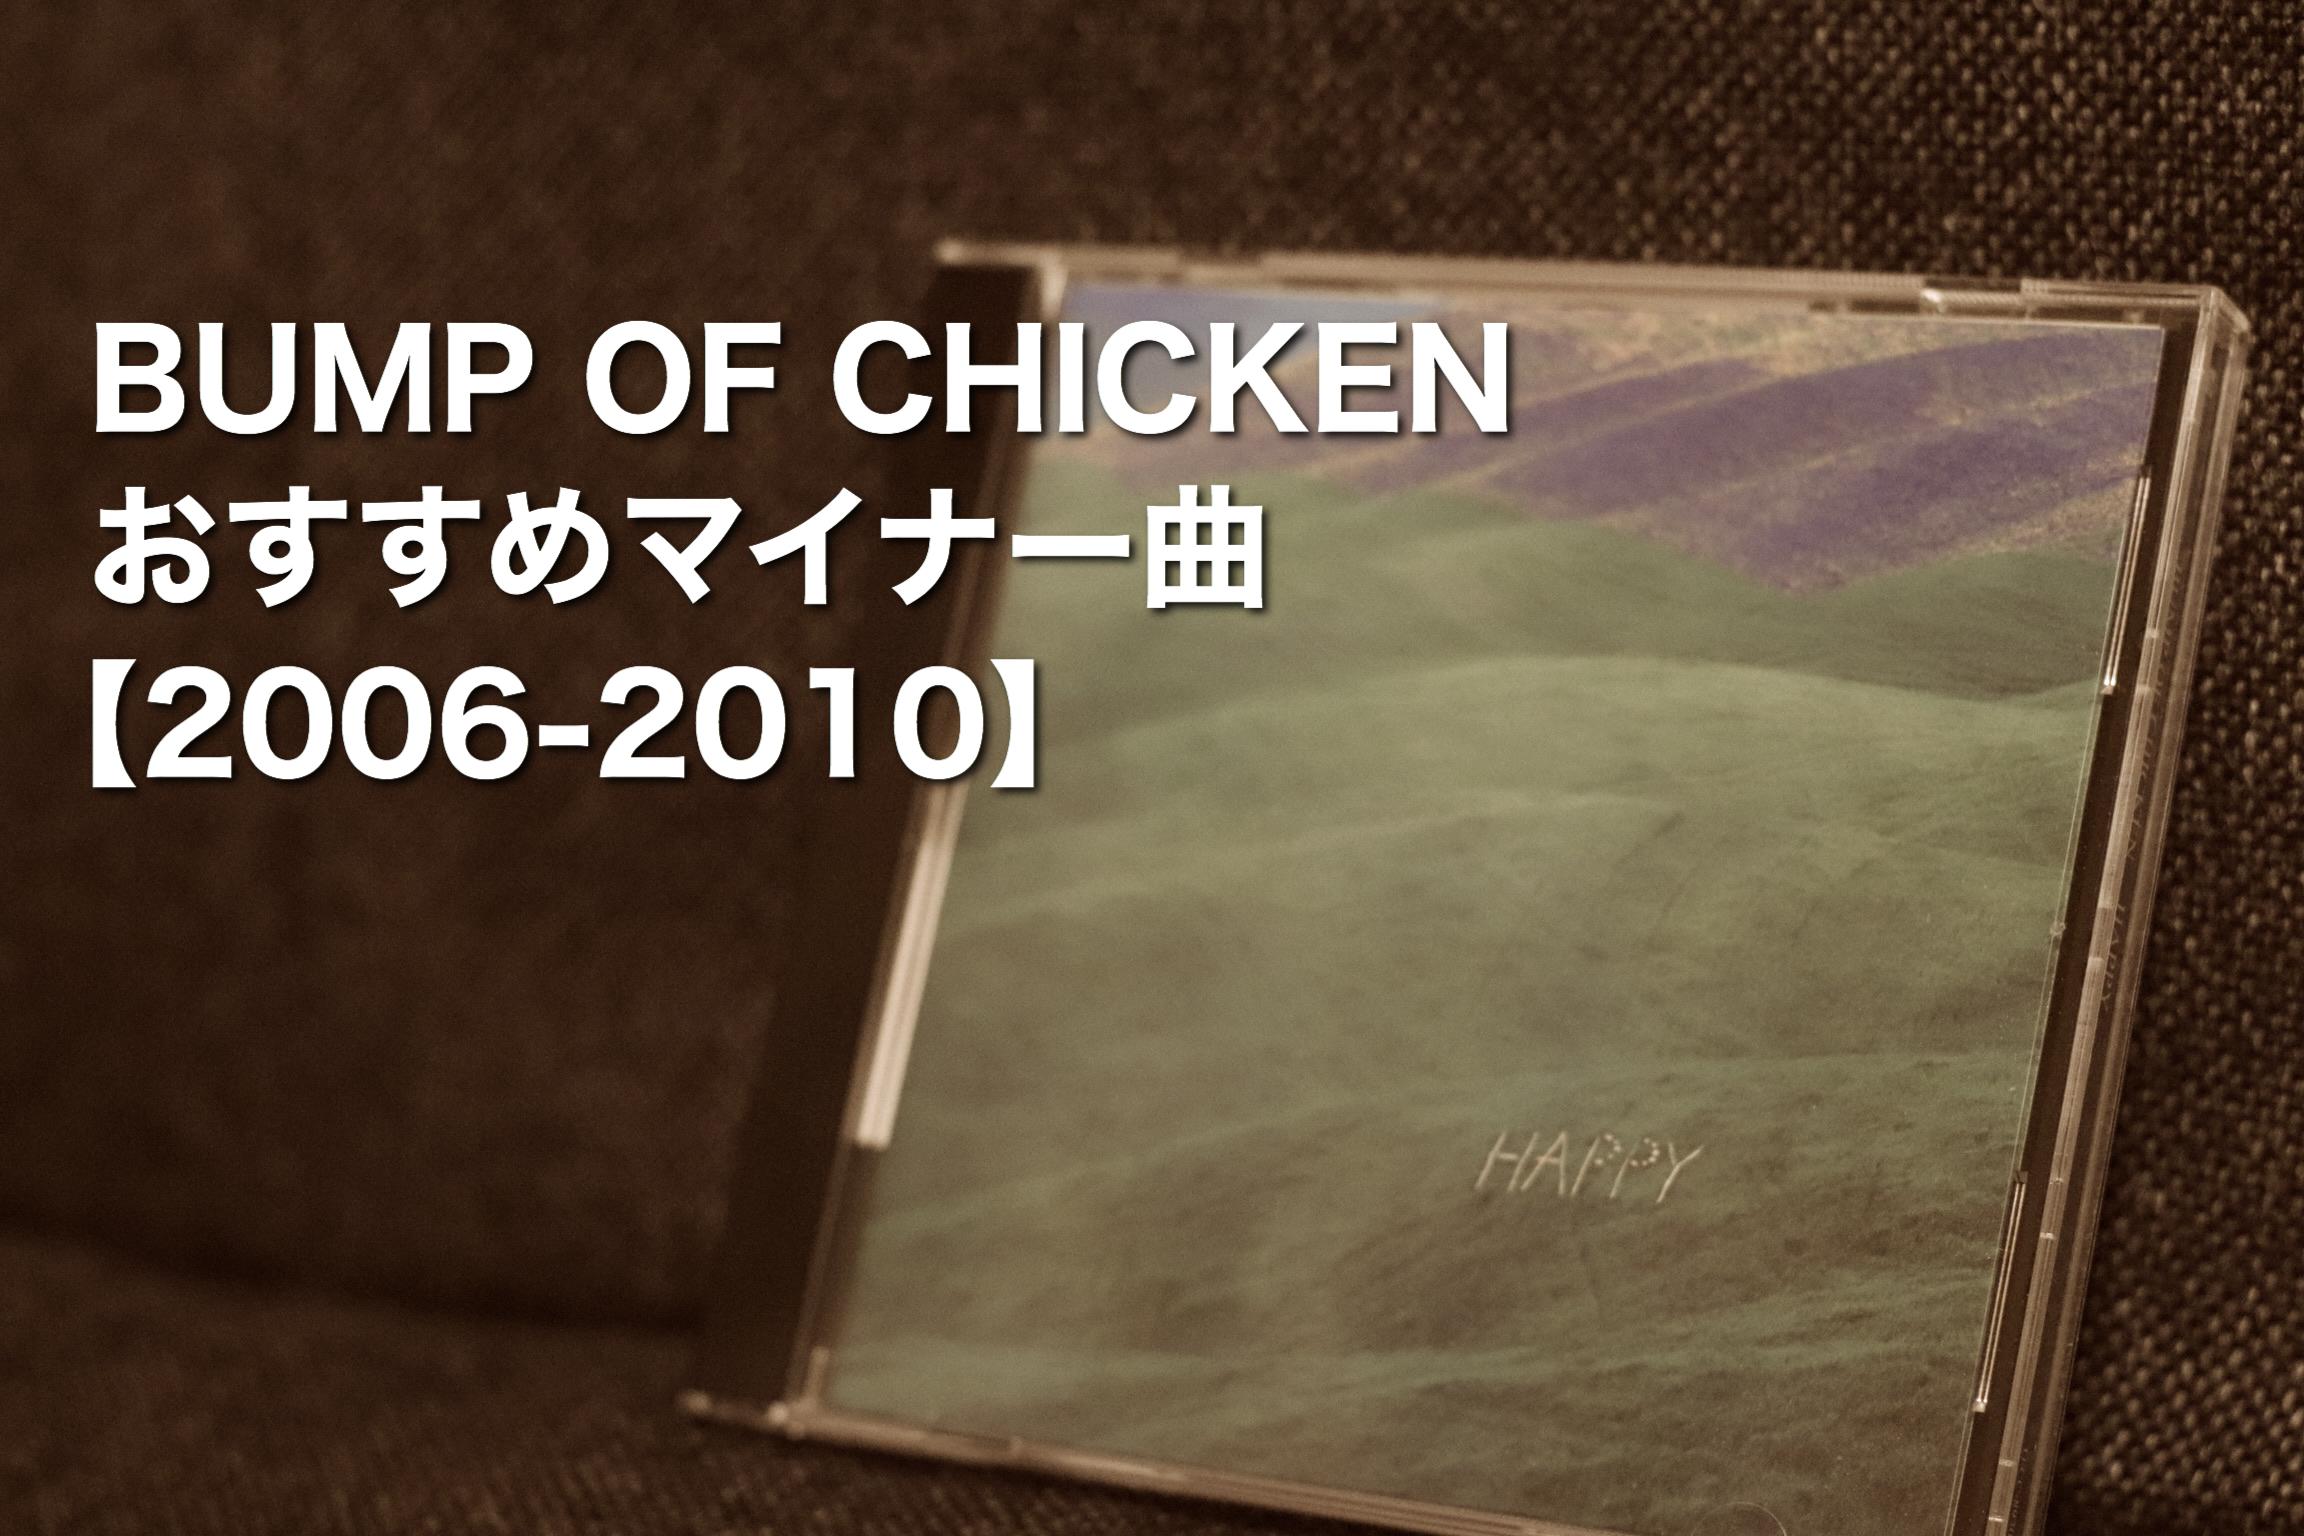 BOC2006-2010おすすめ